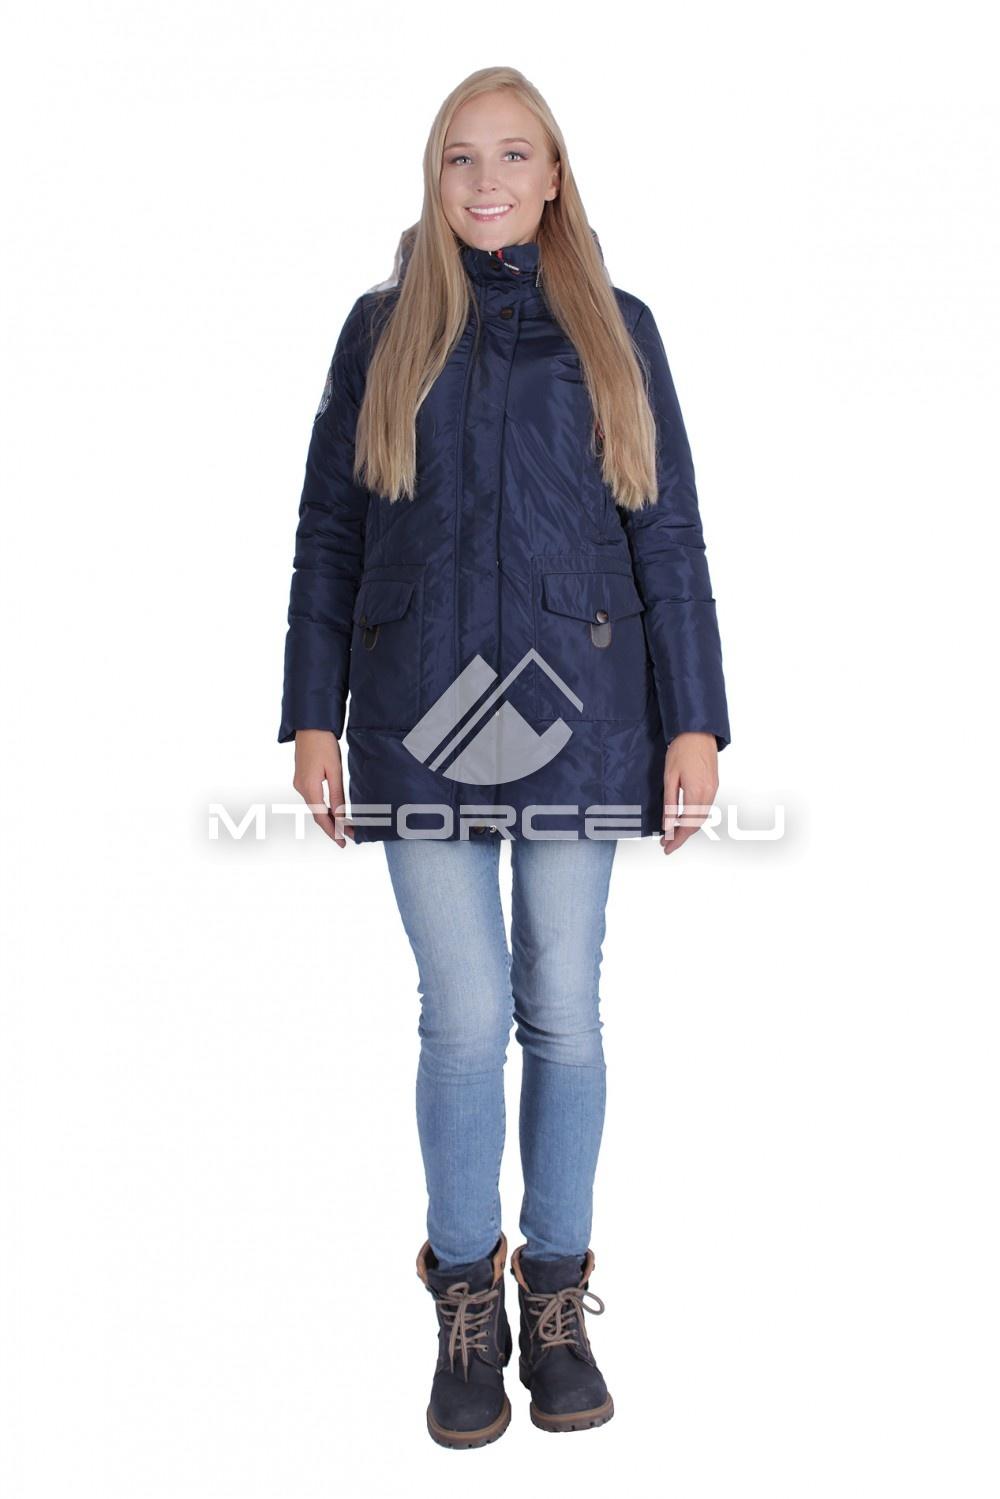 Купить                                  оптом Итальянская куртка женская темно-синего цвета 1688TS